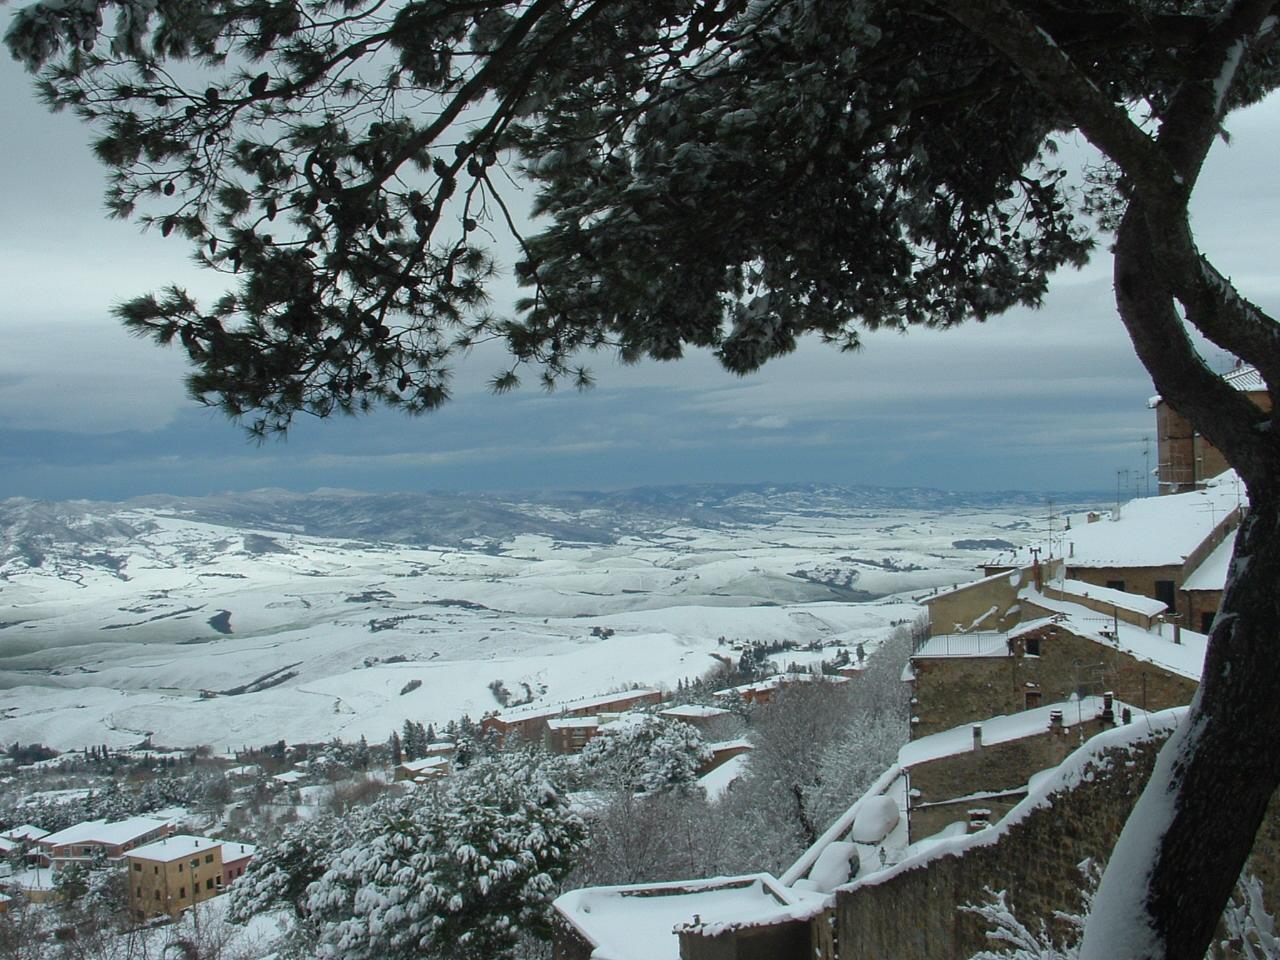 Volterra fotoreportage neve 9/10 marzo 2010..l'apoteosi nevosa!!-foto-mattina-volterra-10-marzo-2010-2-13-.jpg